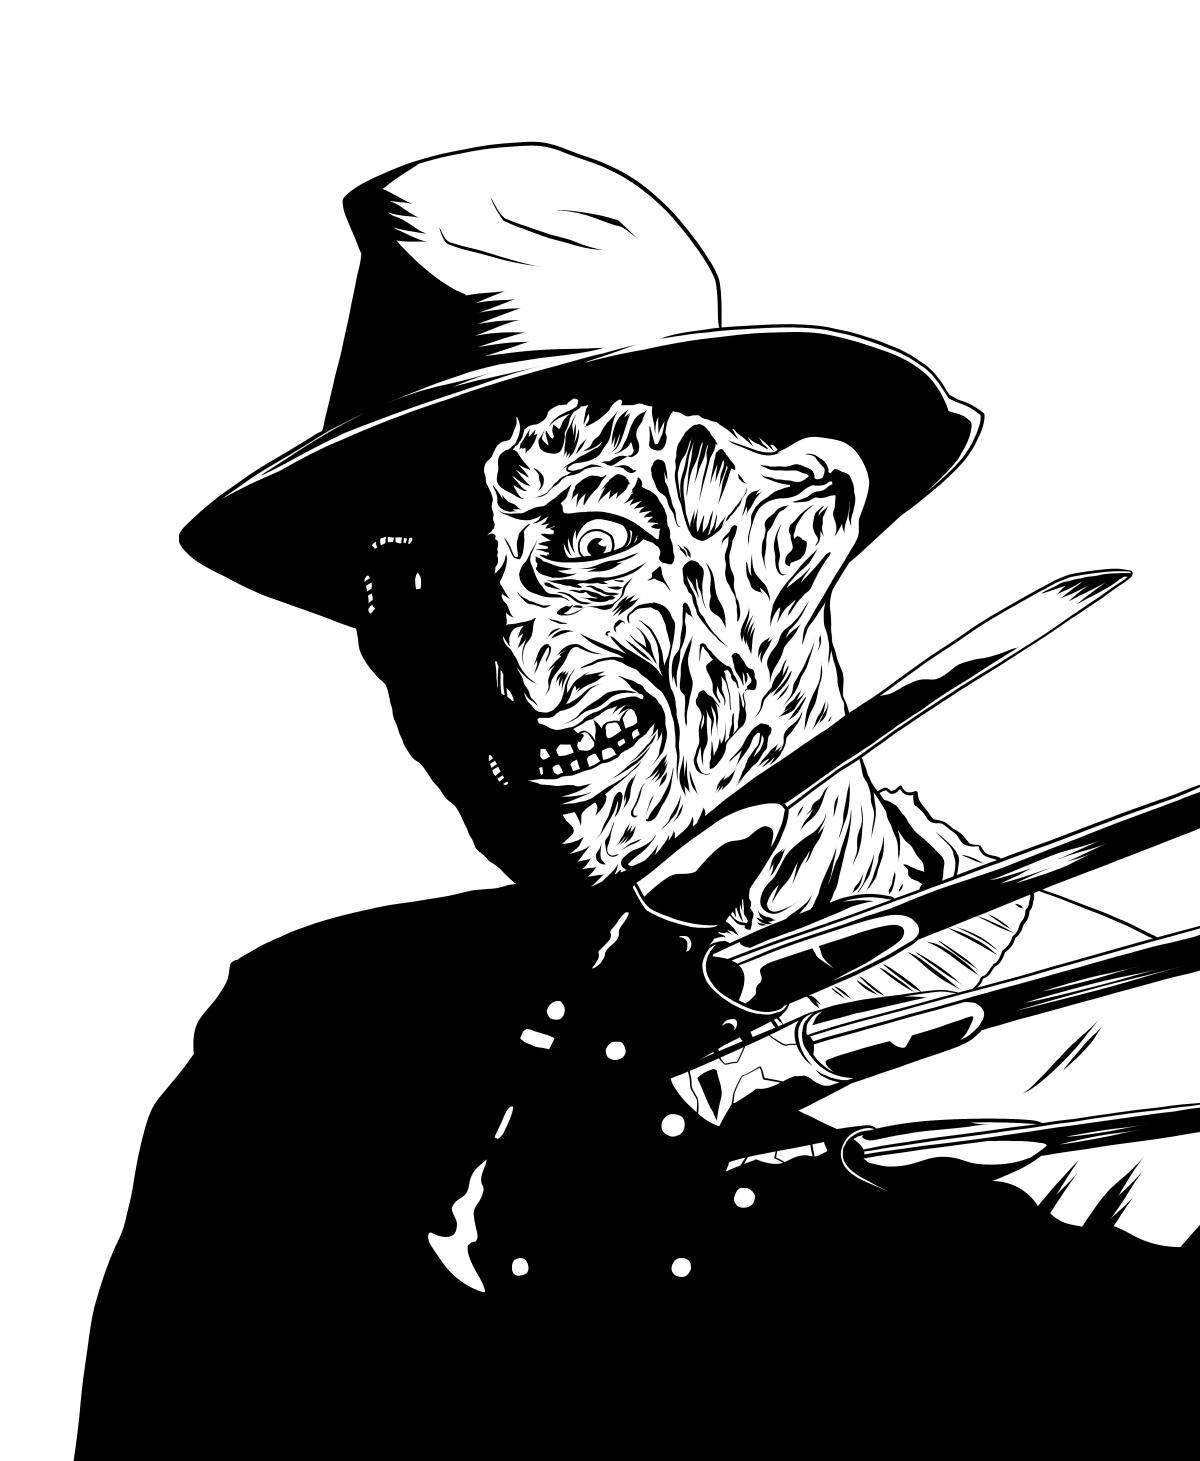 Pin By Larry Kaelin On Gif Freddy Krueger Freddy Krueger Art Freddy Krueger Drawing Horror Characters